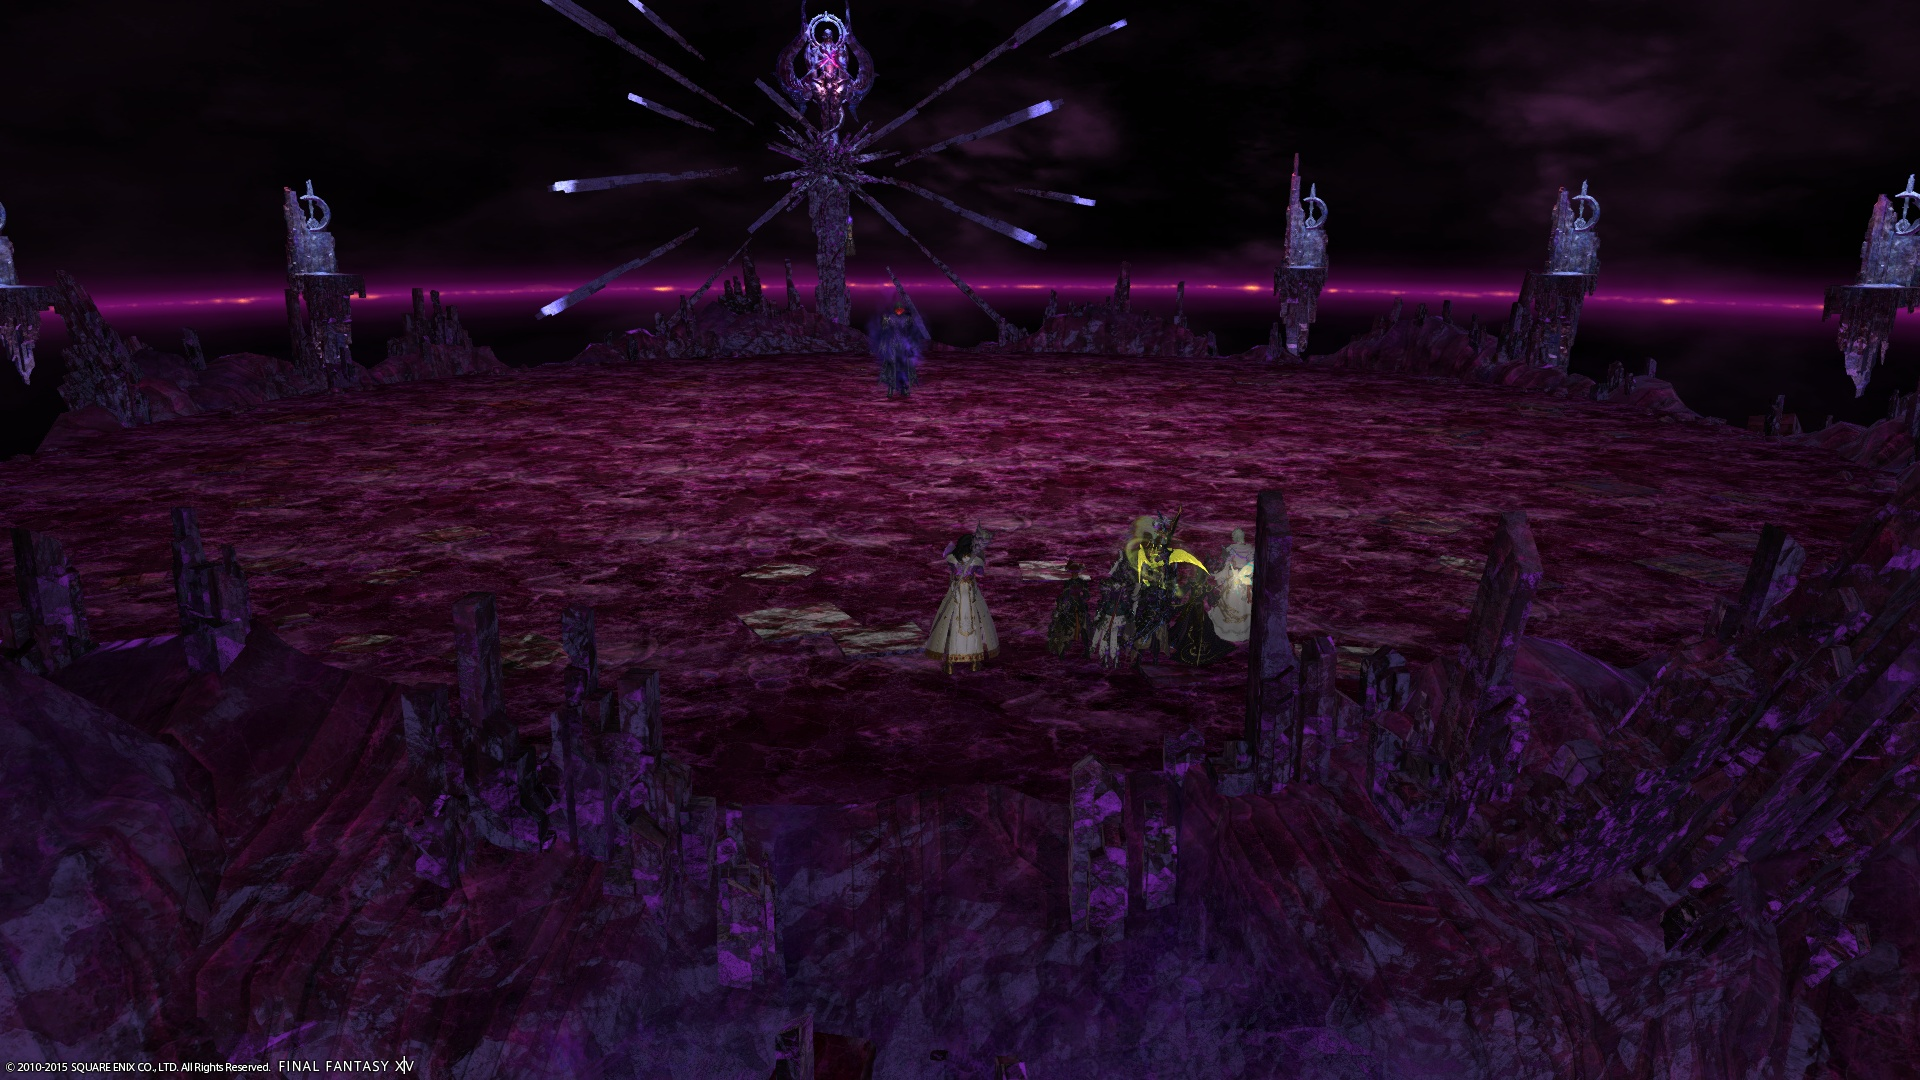 Final Fantasy XIV   Nomadic Gamers   Page 29